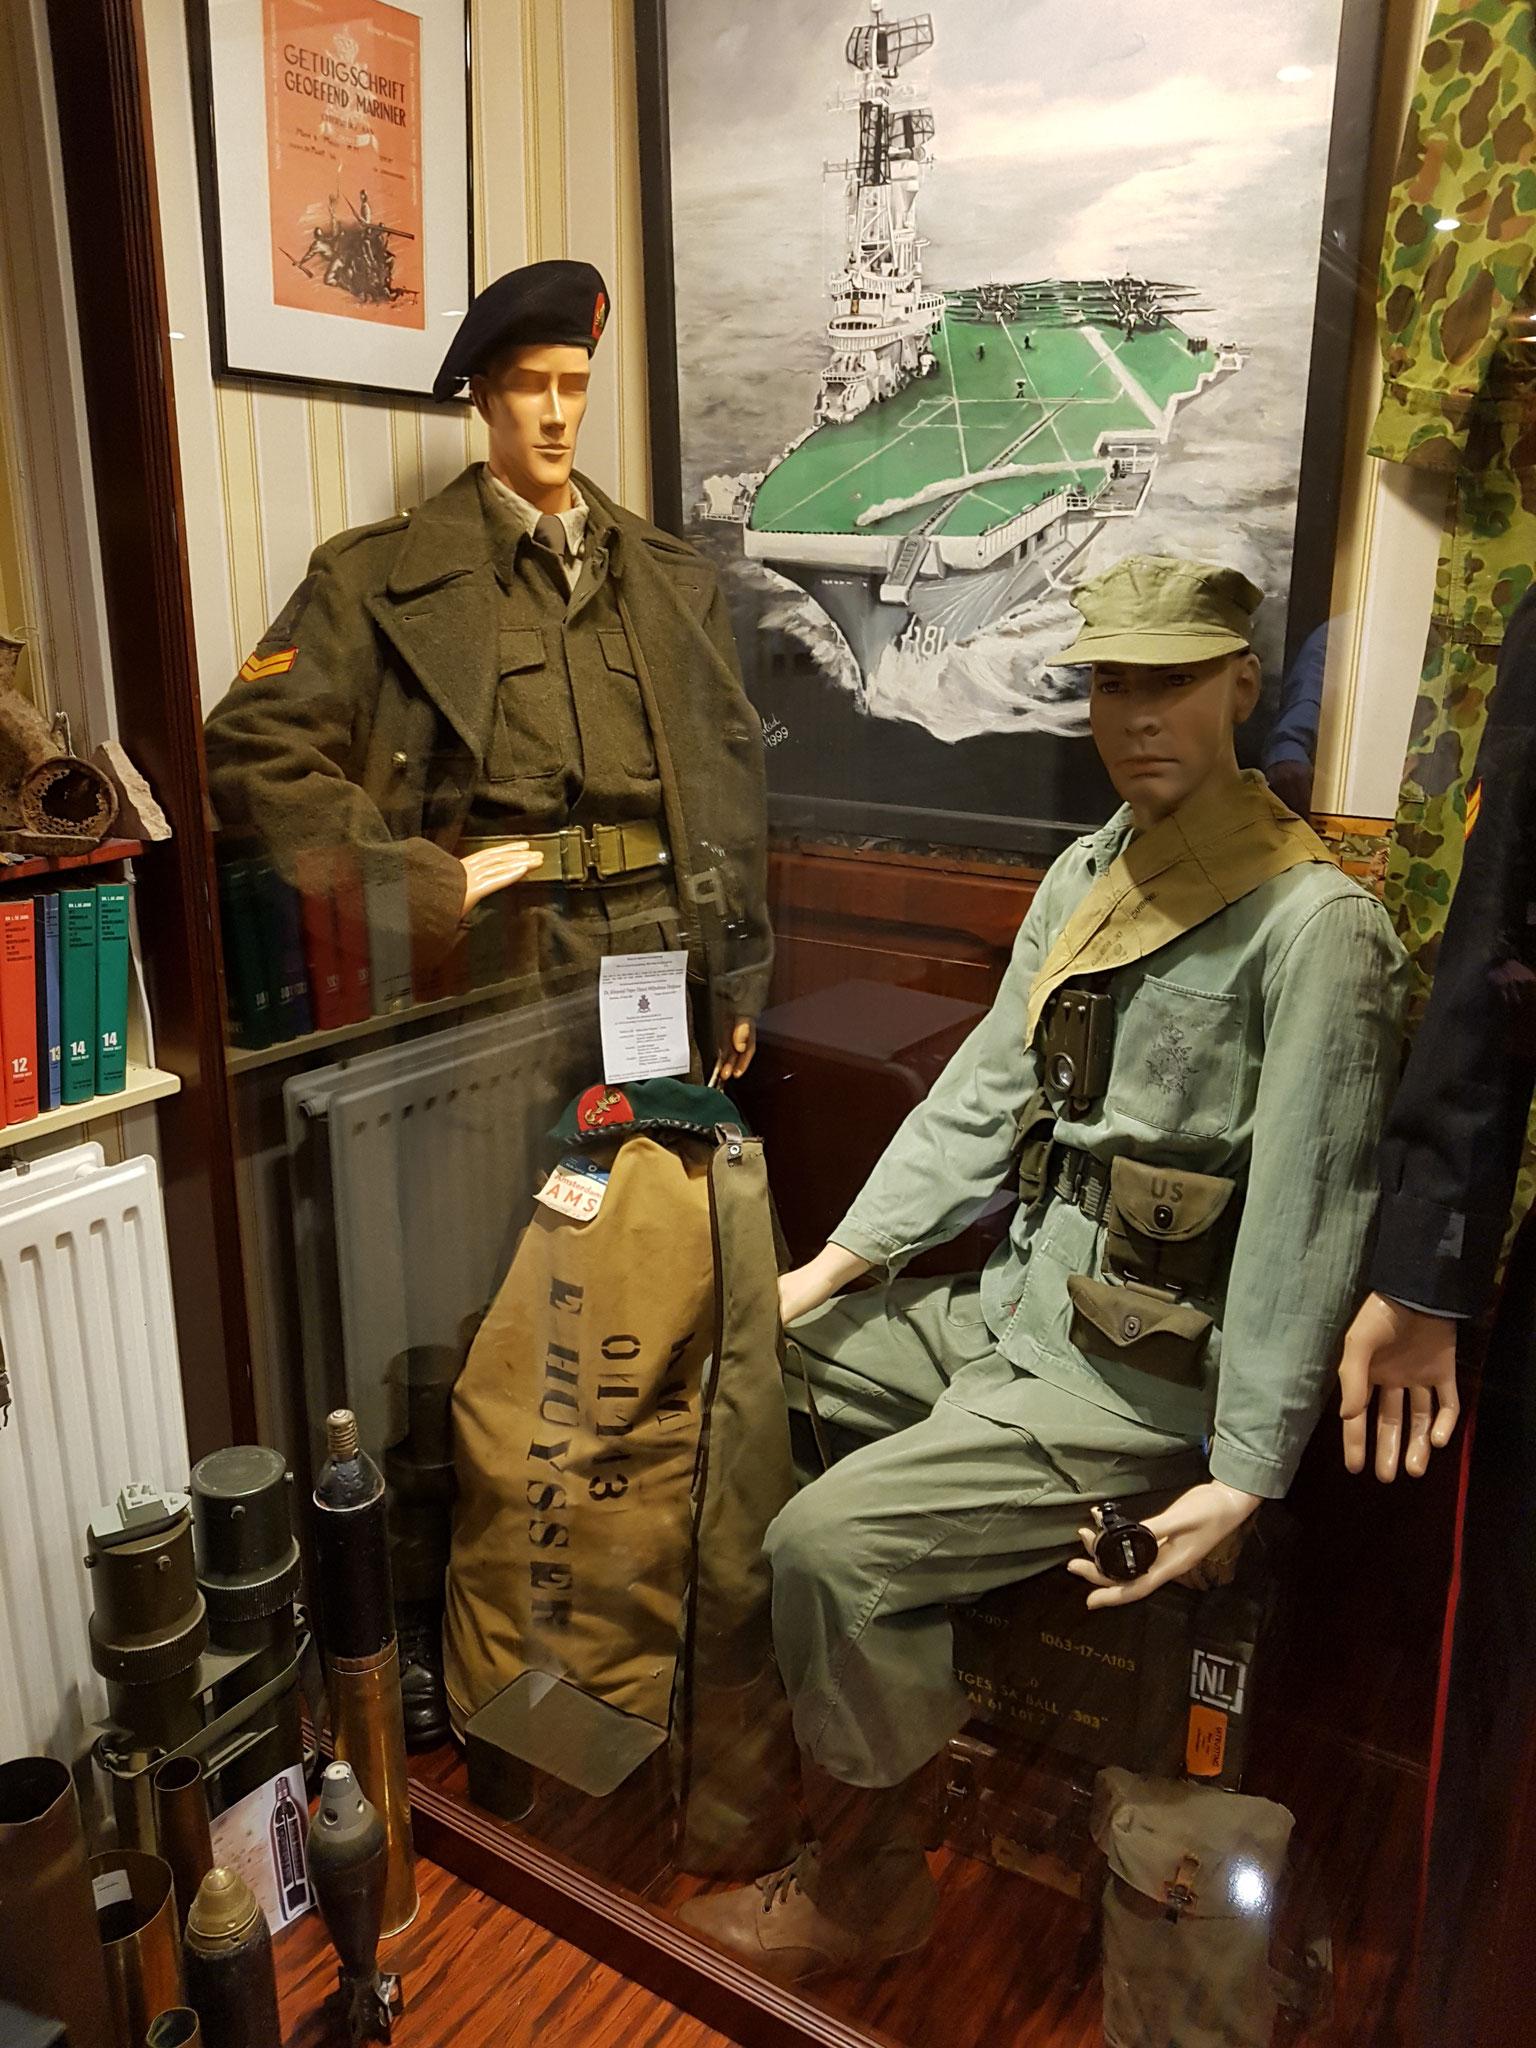 en nog meer uniformen! vormen onderdeel van een verzameling.